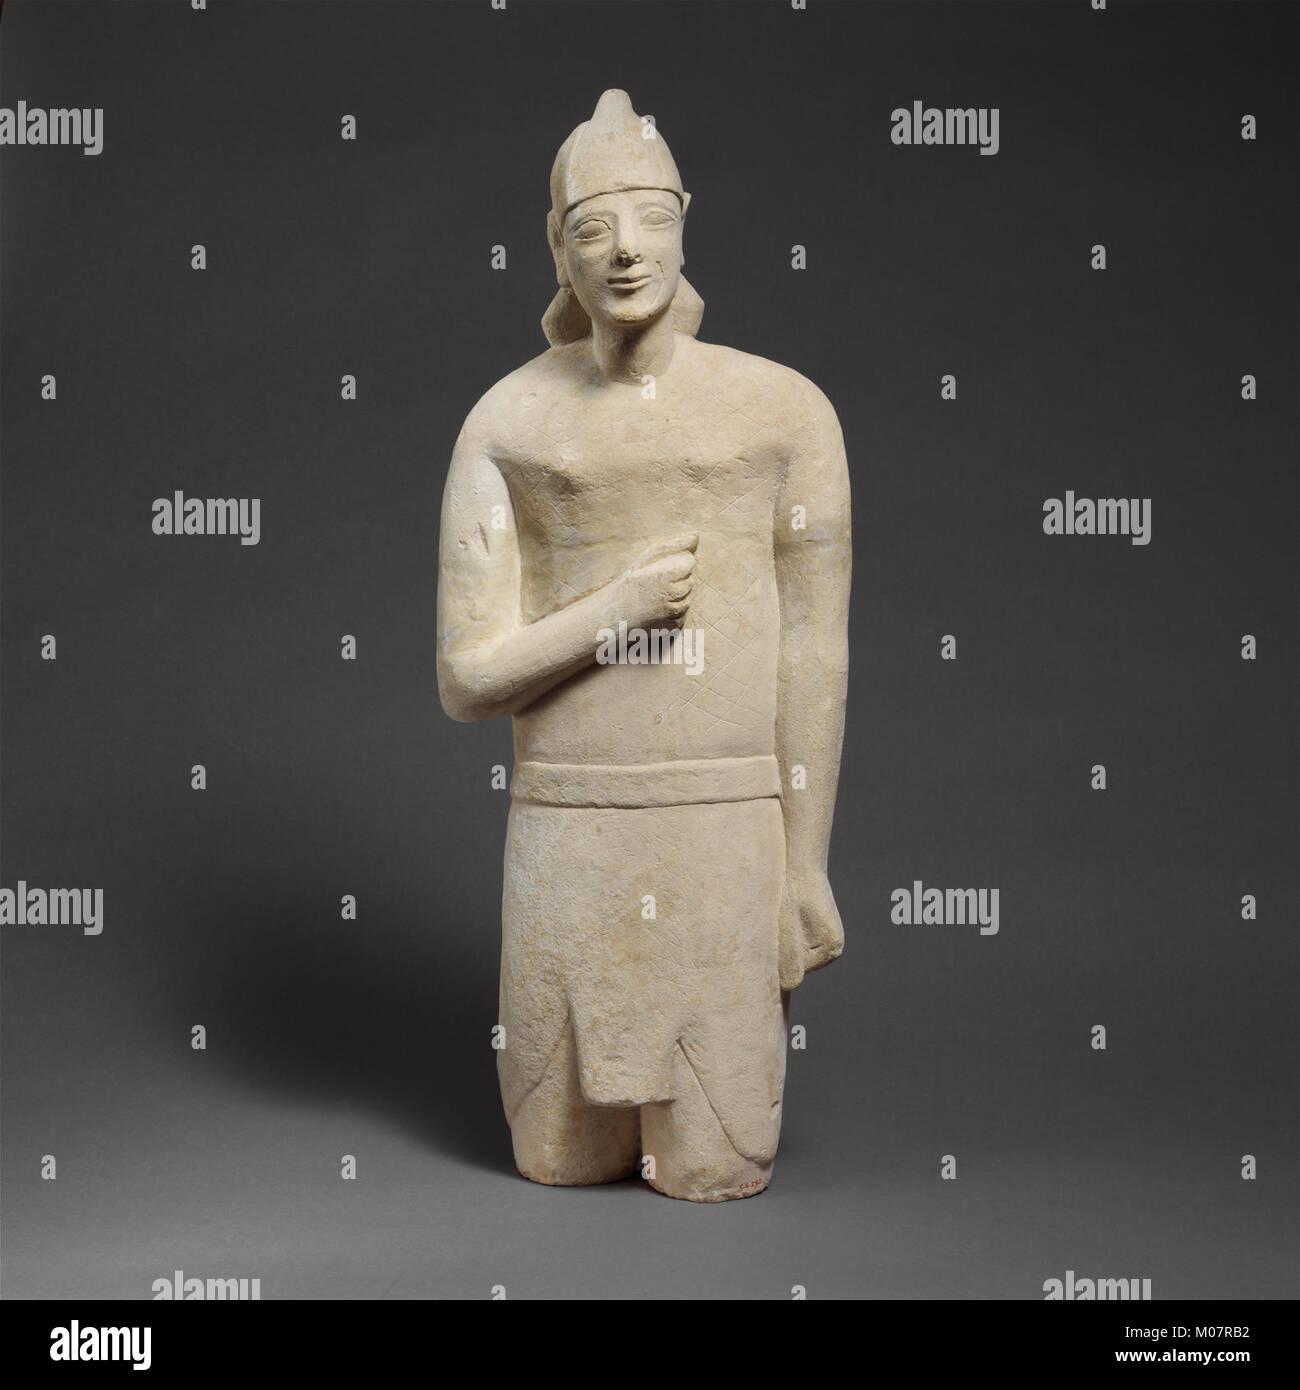 Statuette en pierre calcaire d'un homme imberbe votary dans Egyptianizing dress portant un casque rencontré DP204726 Banque D'Images